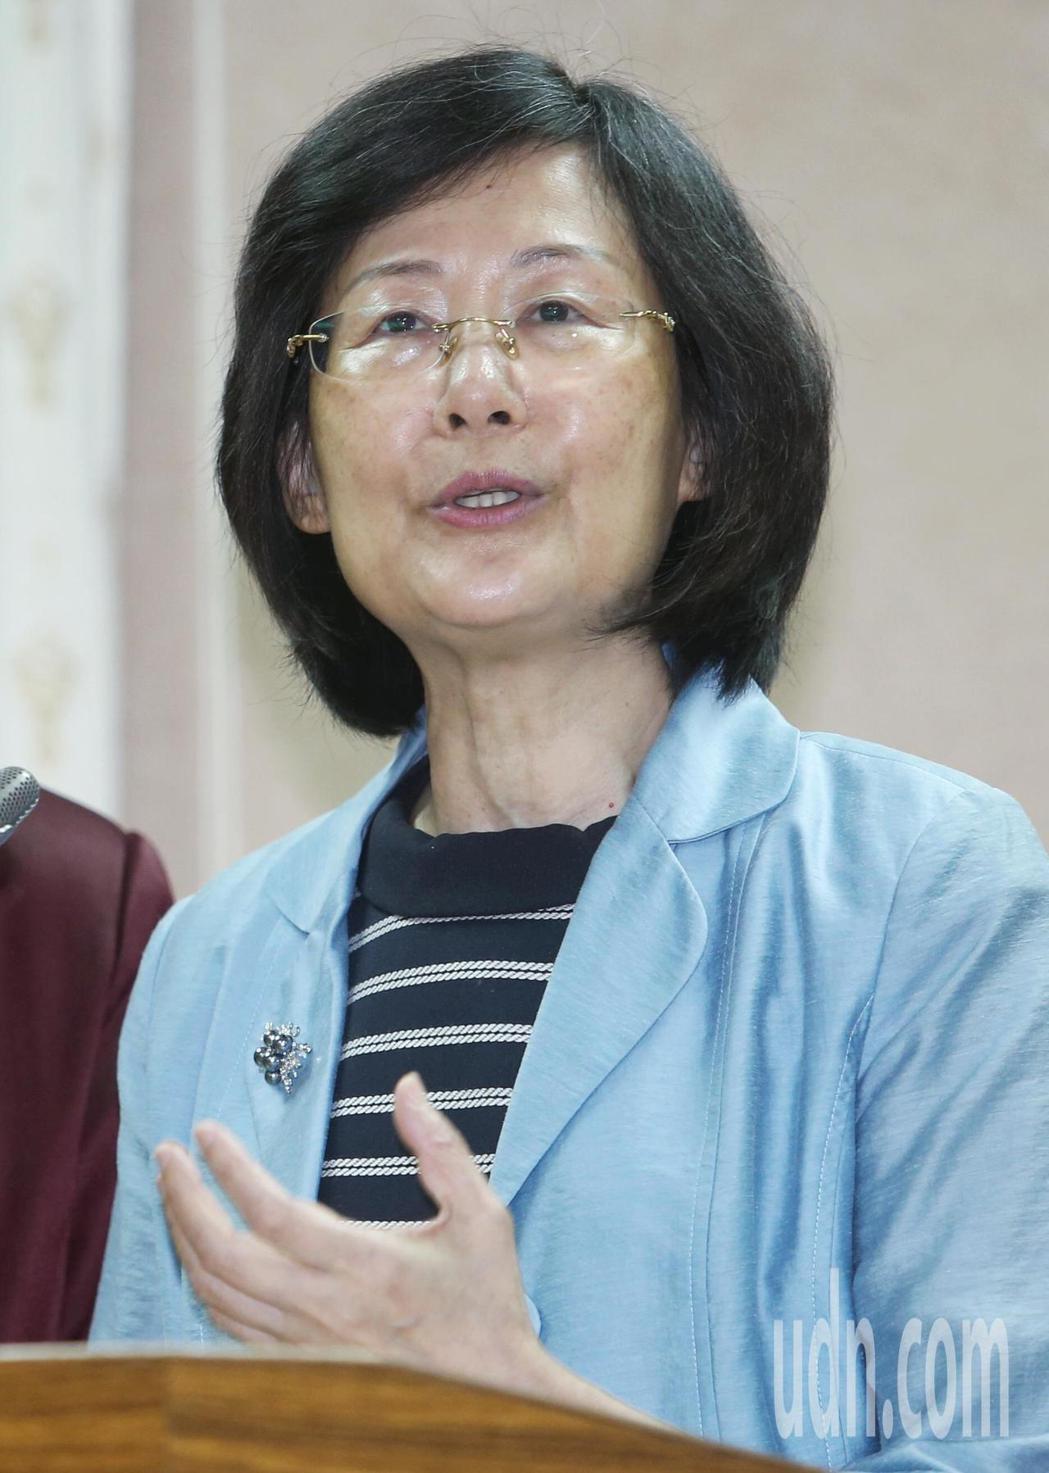 洗錢防制法新規定 羅瑩雪「嚇了兩大跳」